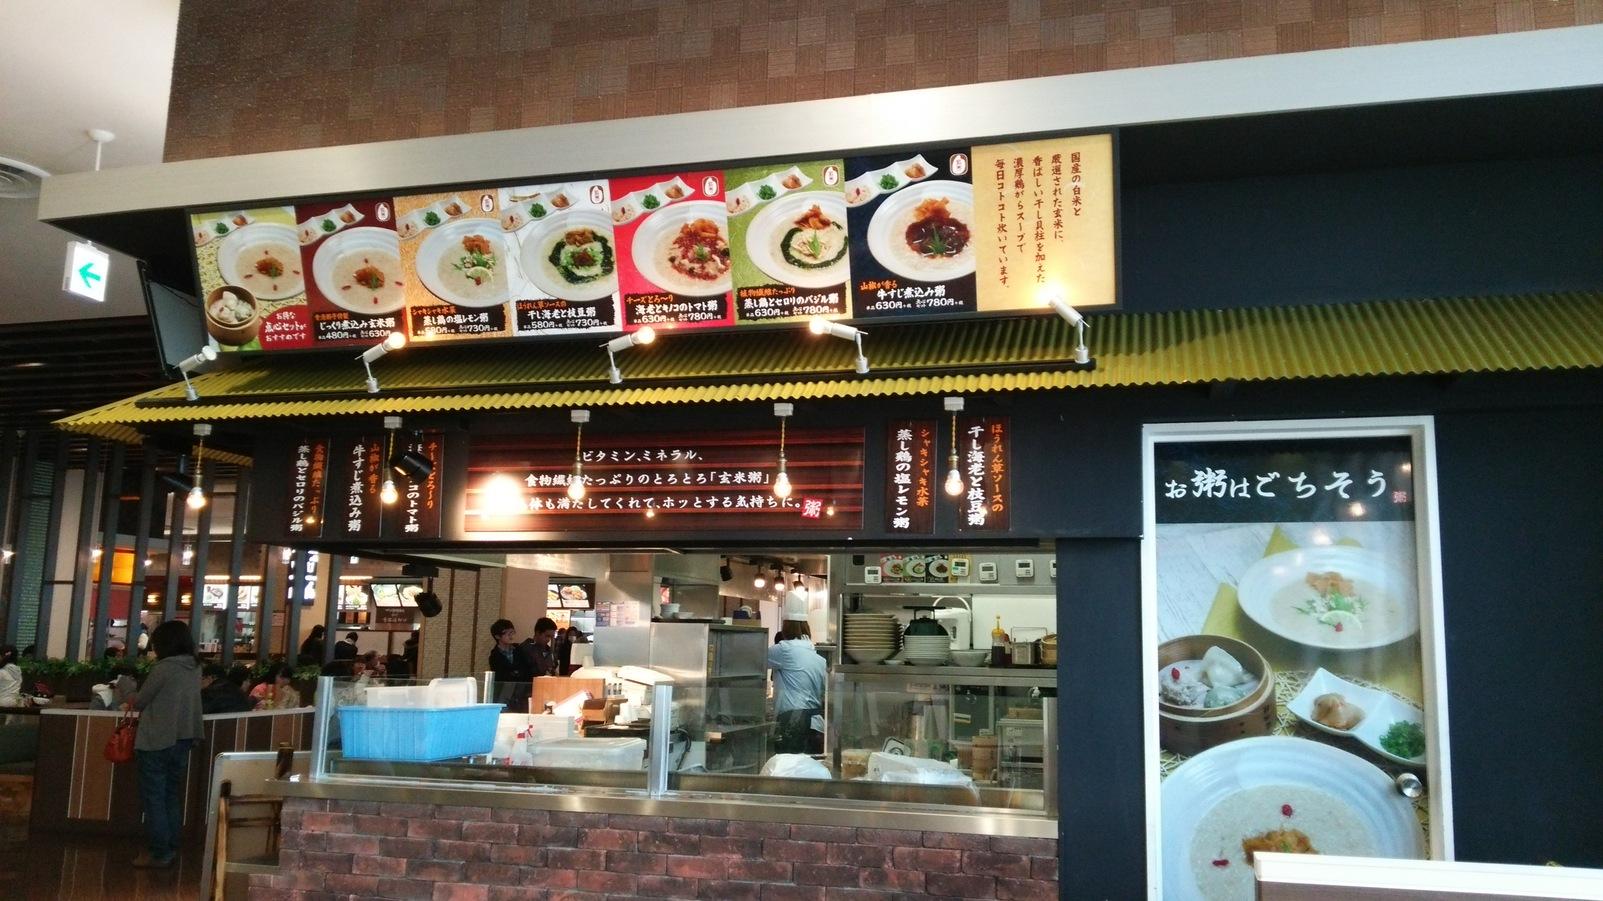 香港粥亭 イオンモール東員店